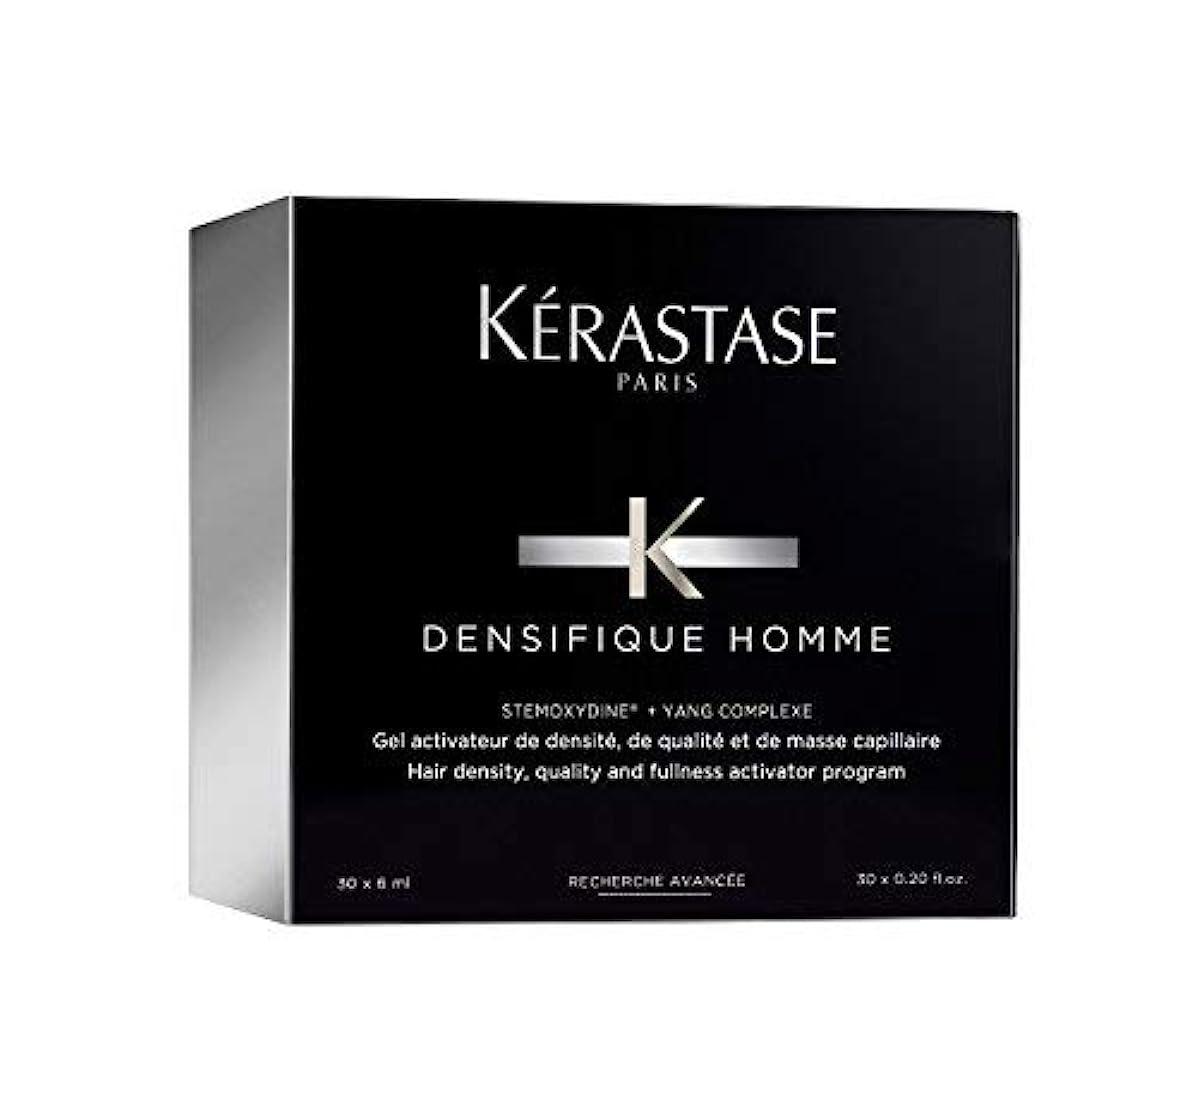 和行くクックケラスターゼ Densifique Homme Hair Density and Fullness Programme 30x6ml